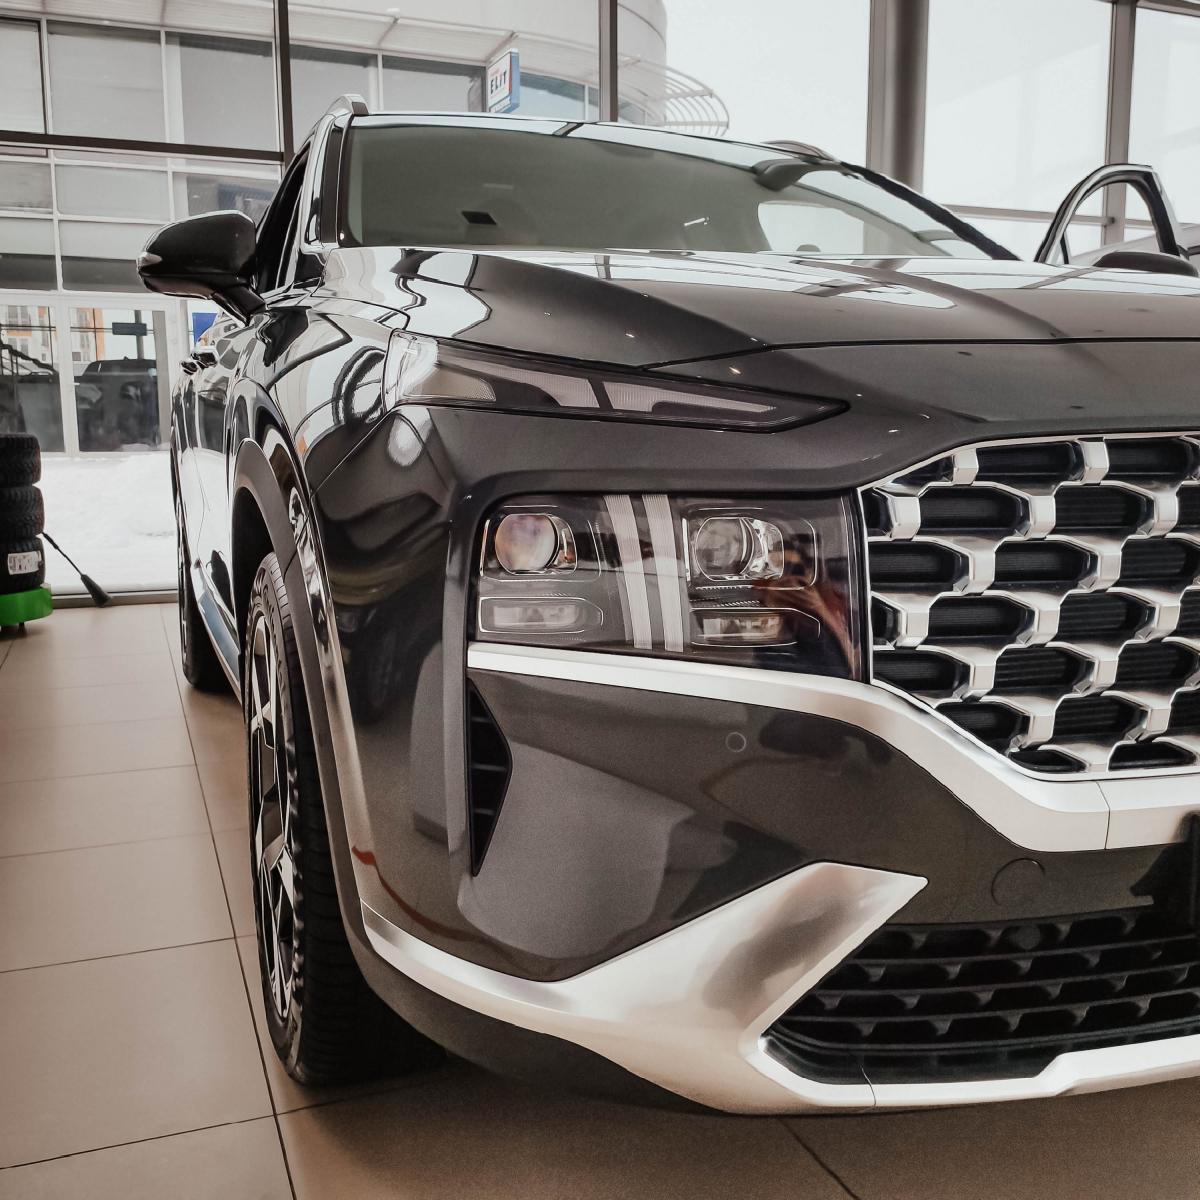 Якби комфорт і розкіш можна було б описати - це був би Hyundai Santa Fe! | Хюндай Мотор Україна - фото 13